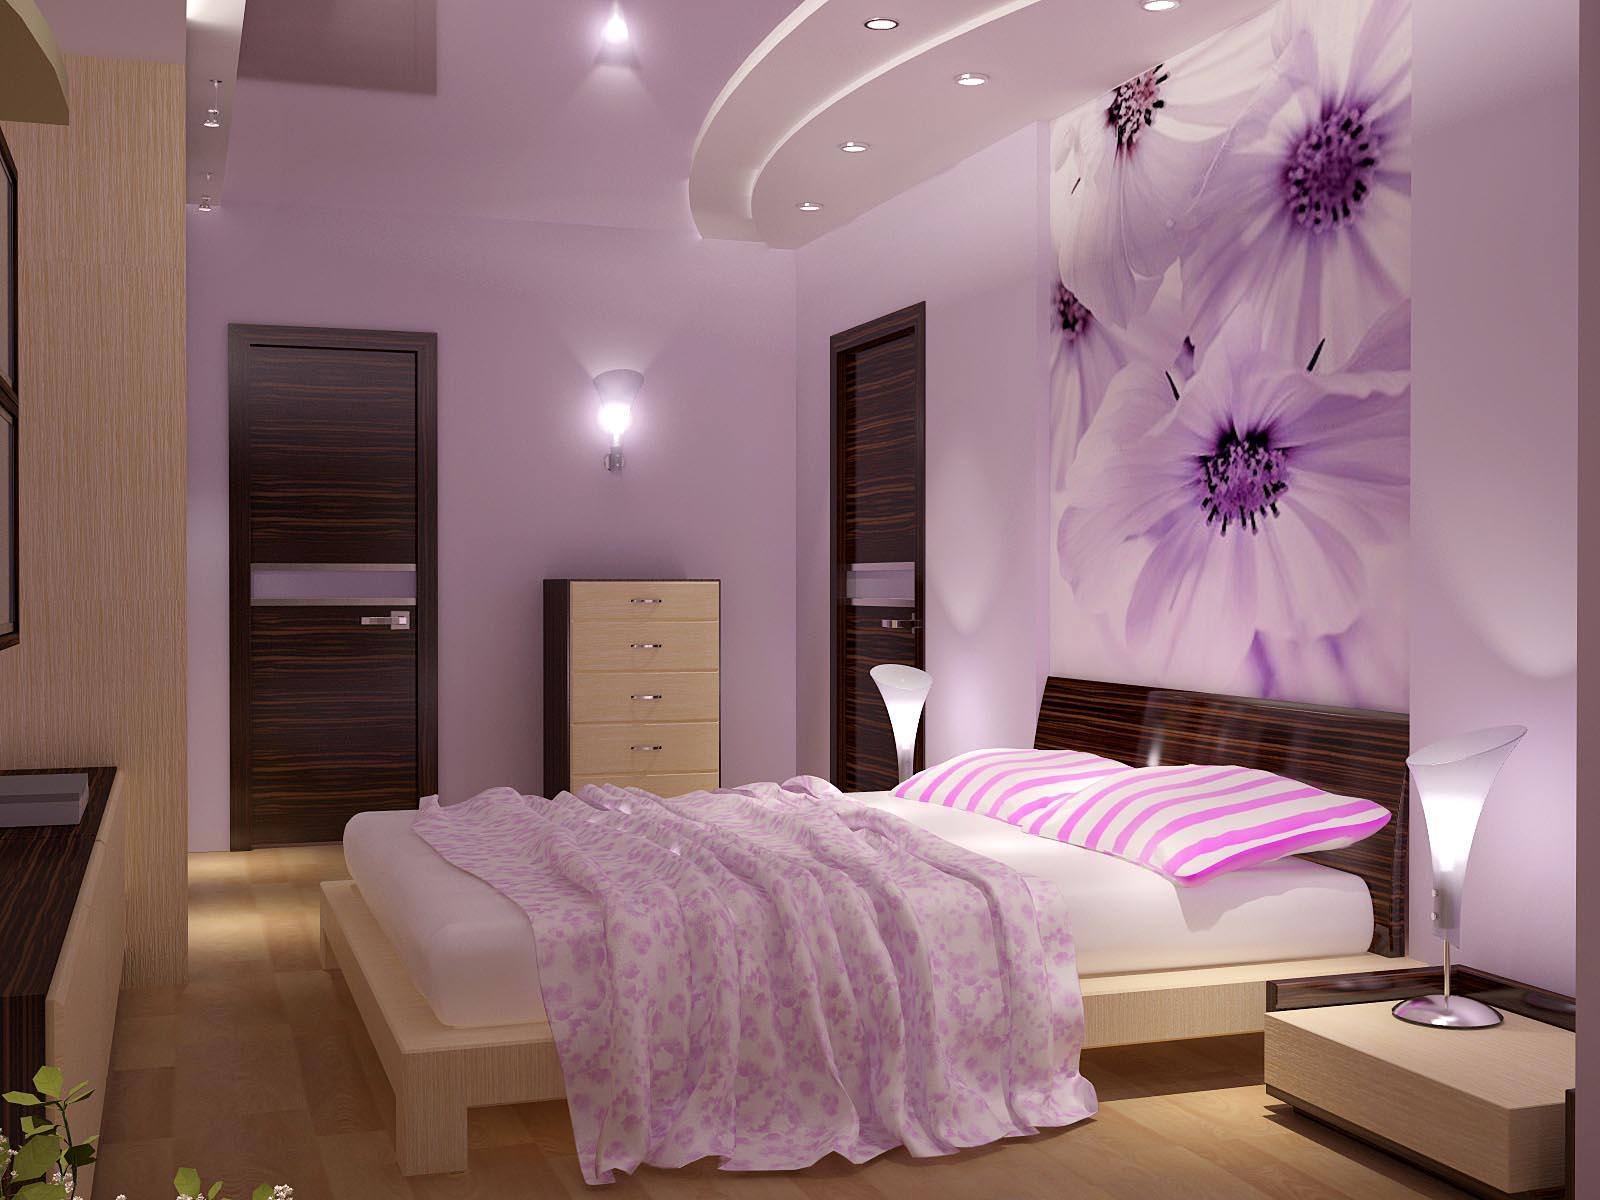 Ремонт спальни 9-12 кв. м. своими руками в хрущевке